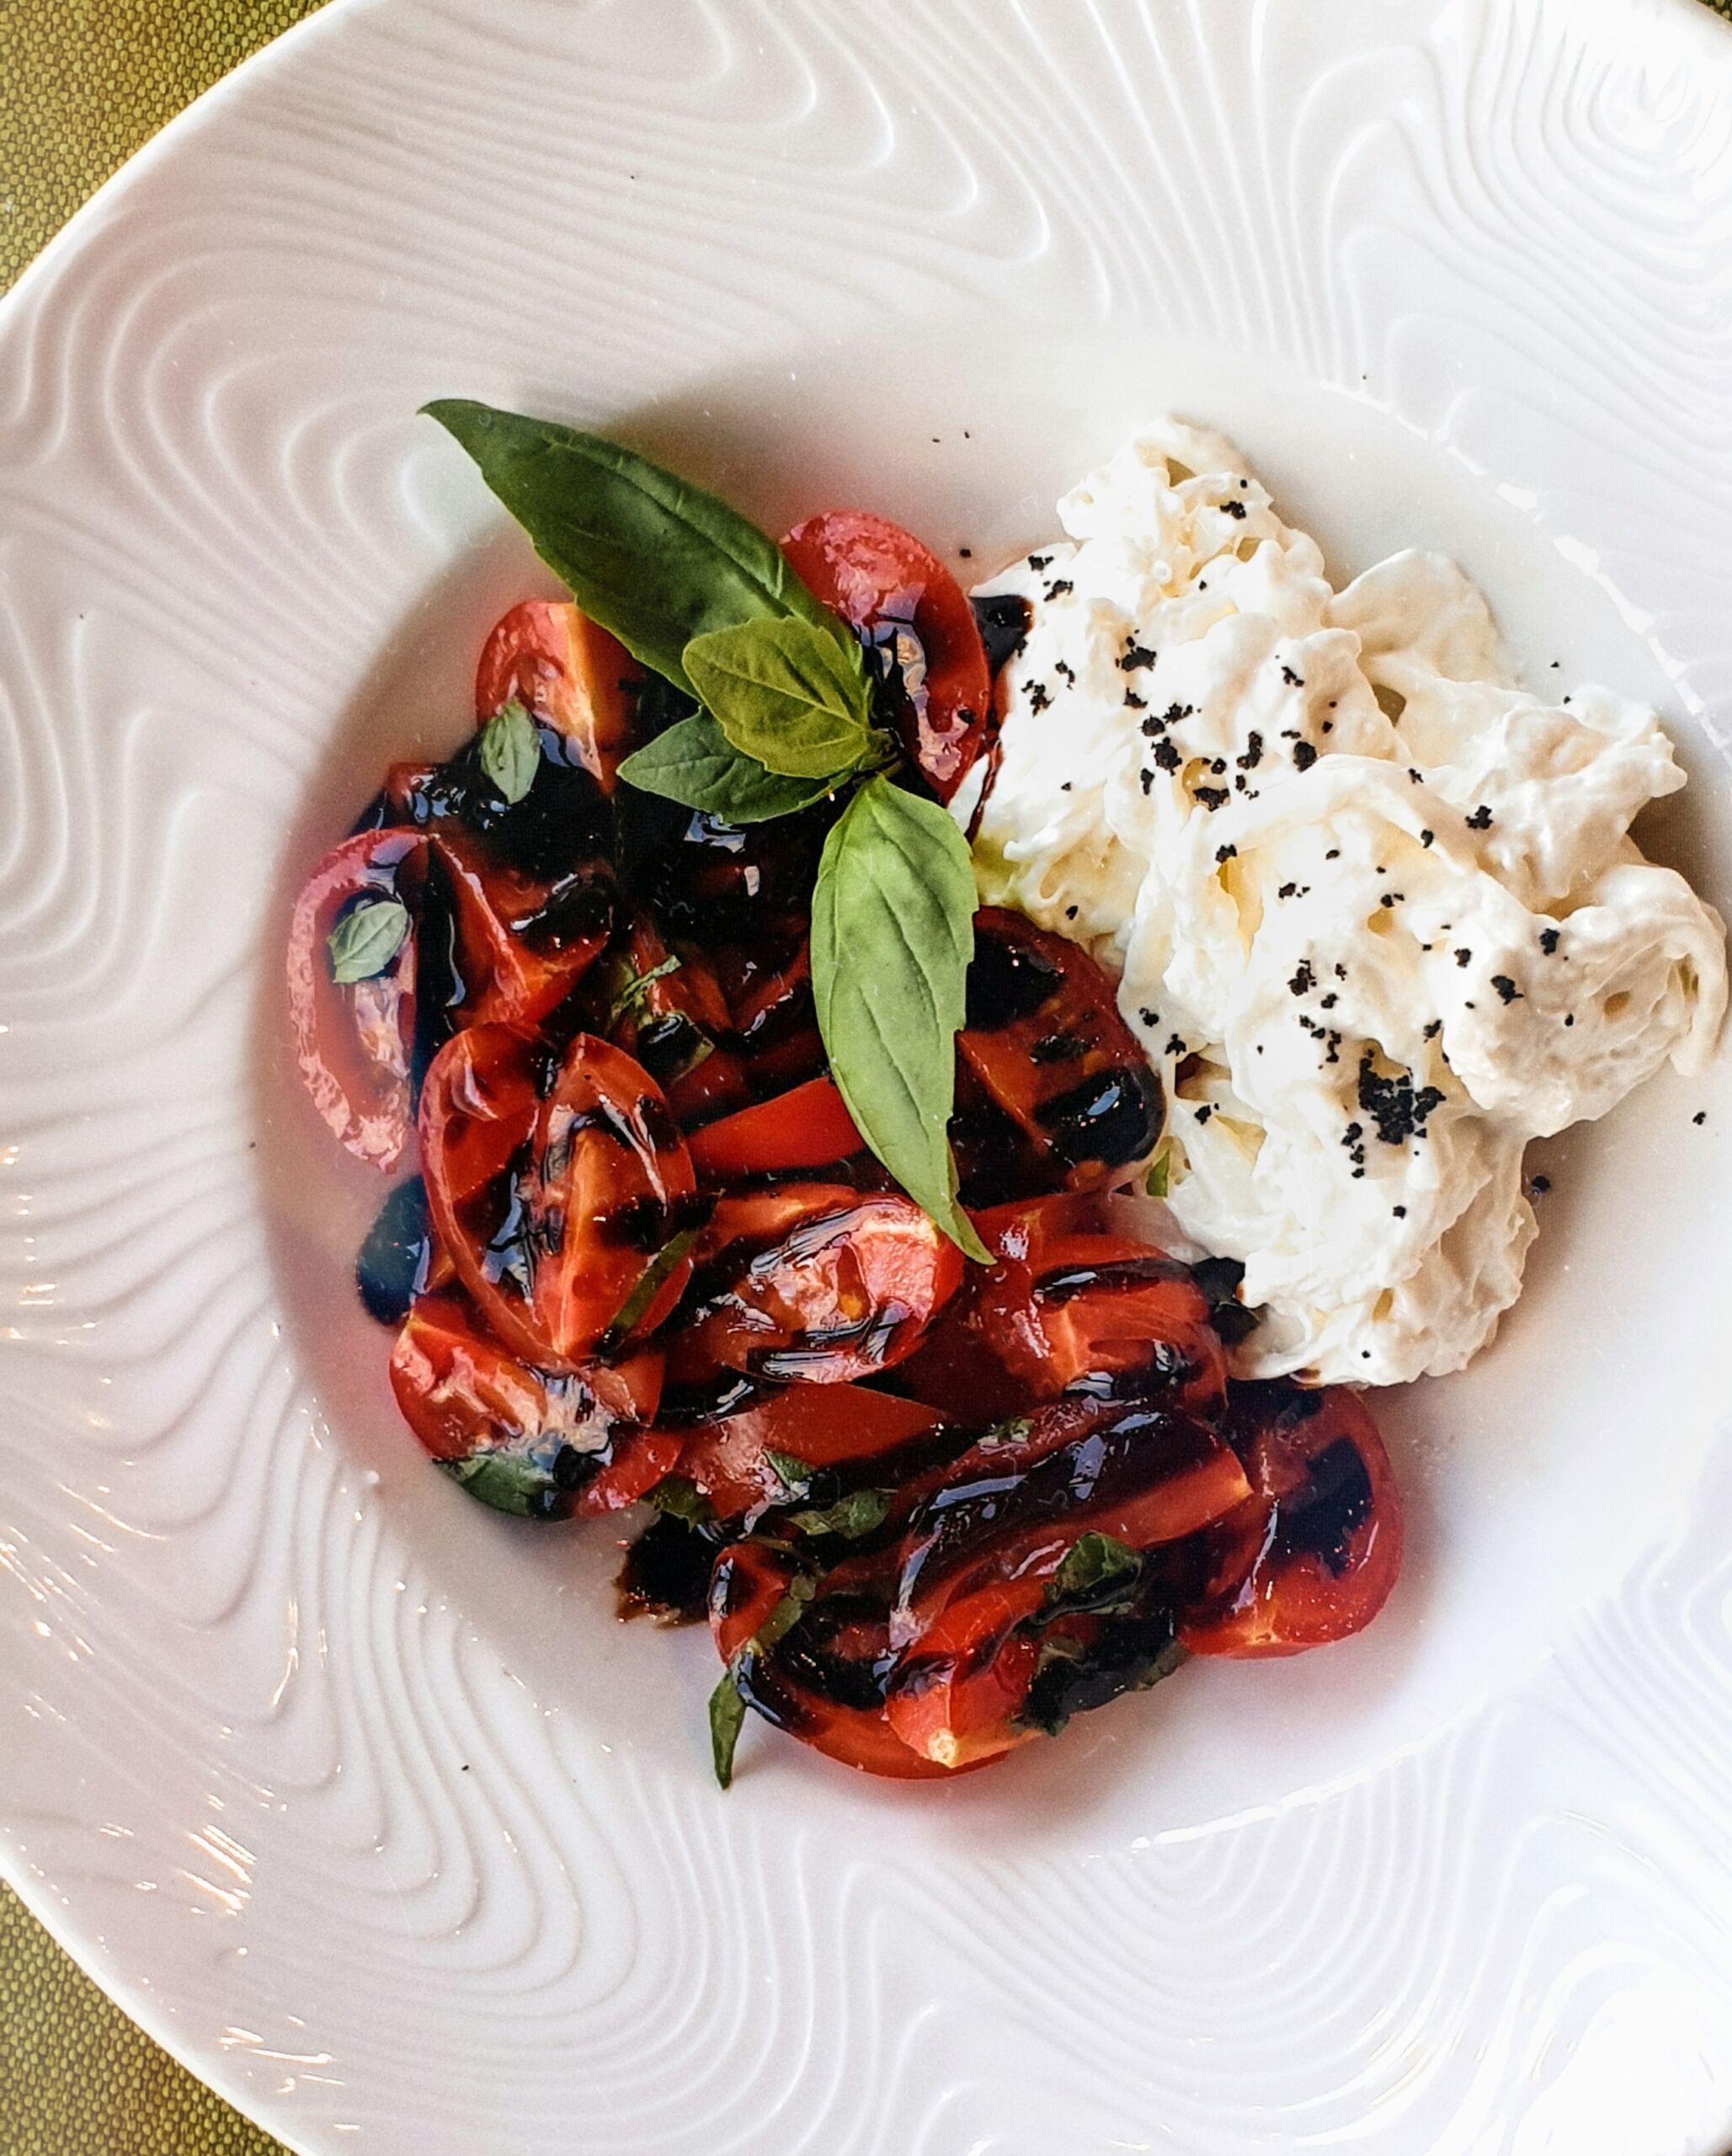 Страчателла с томатами под малиновым кремом Pinzeria by Bontempi Итальянский ресторан Волгоград пицца заказать